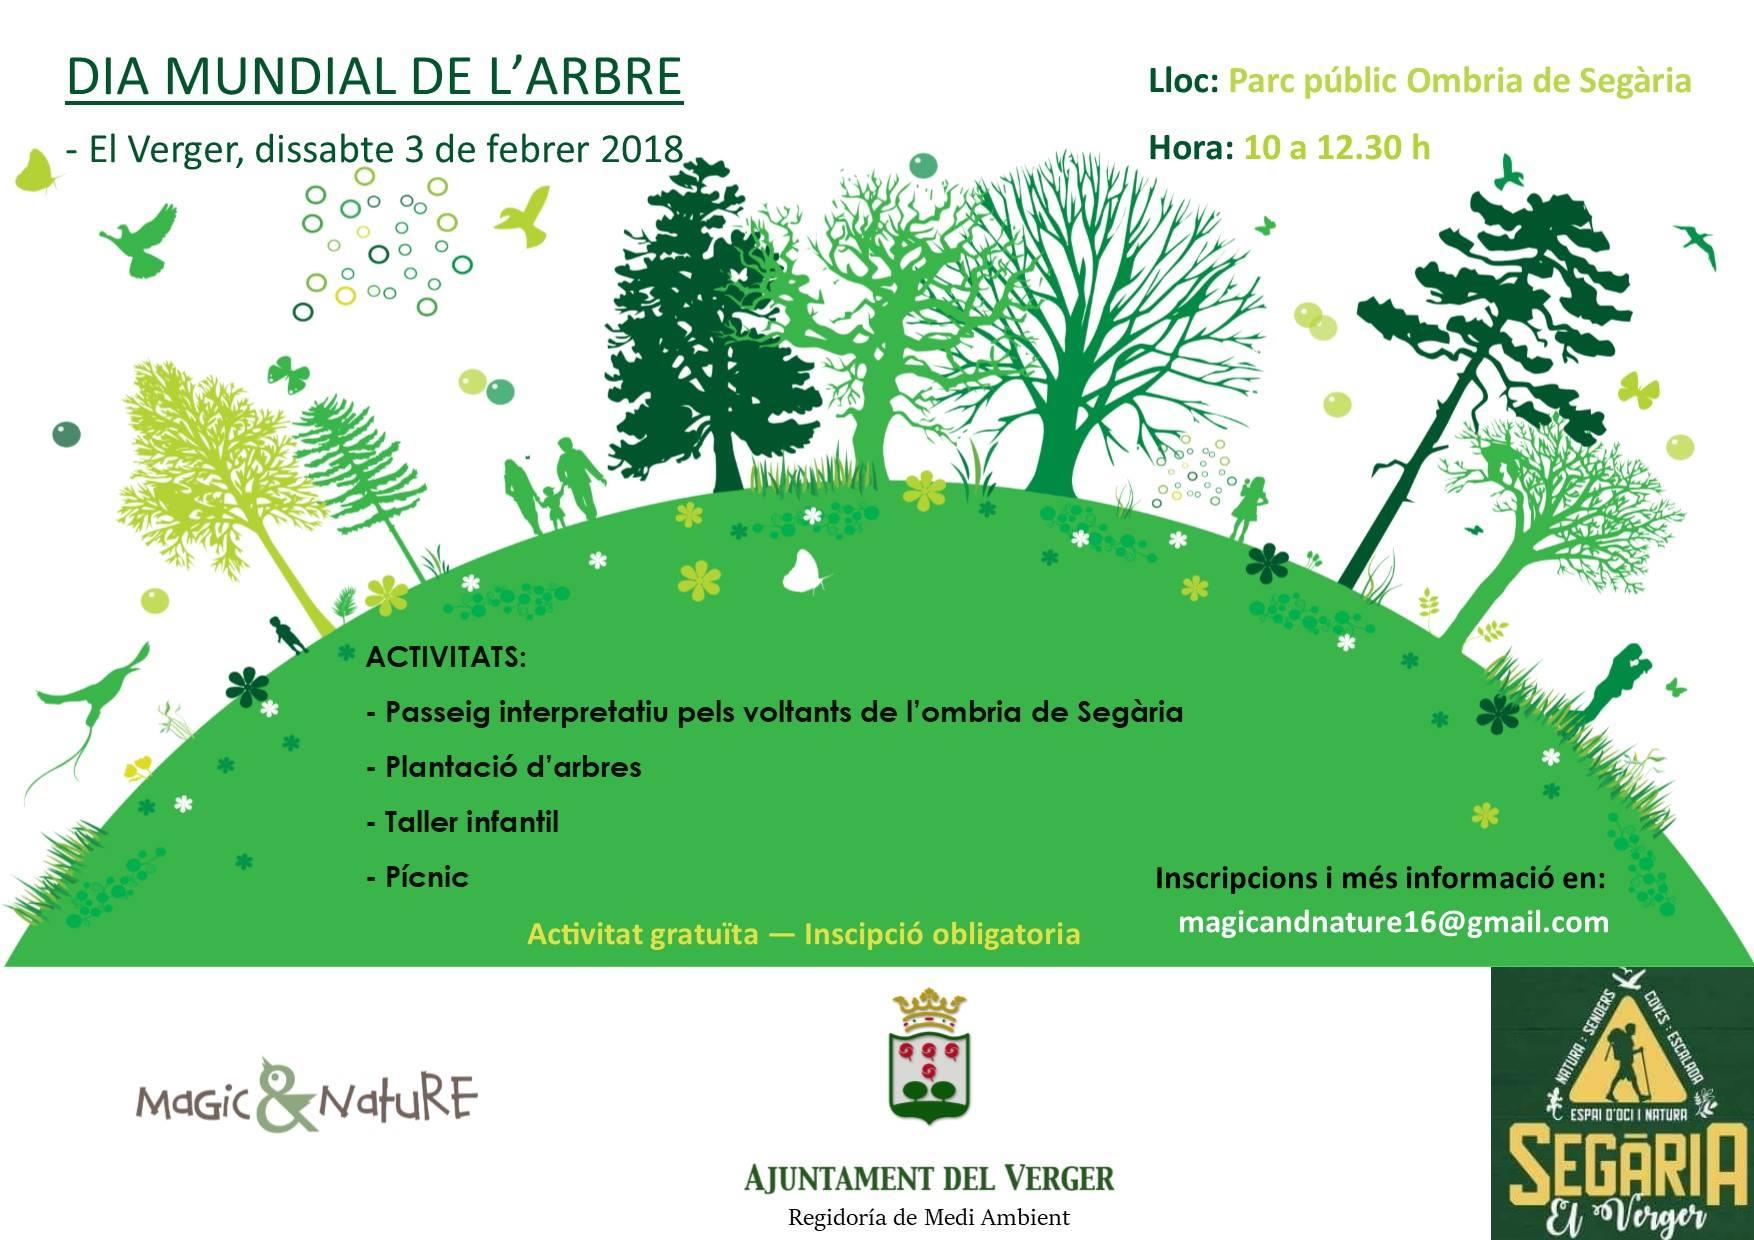 Dia mundial del arbol ajuntament del verger for Dia del arbol 01 de septiembre